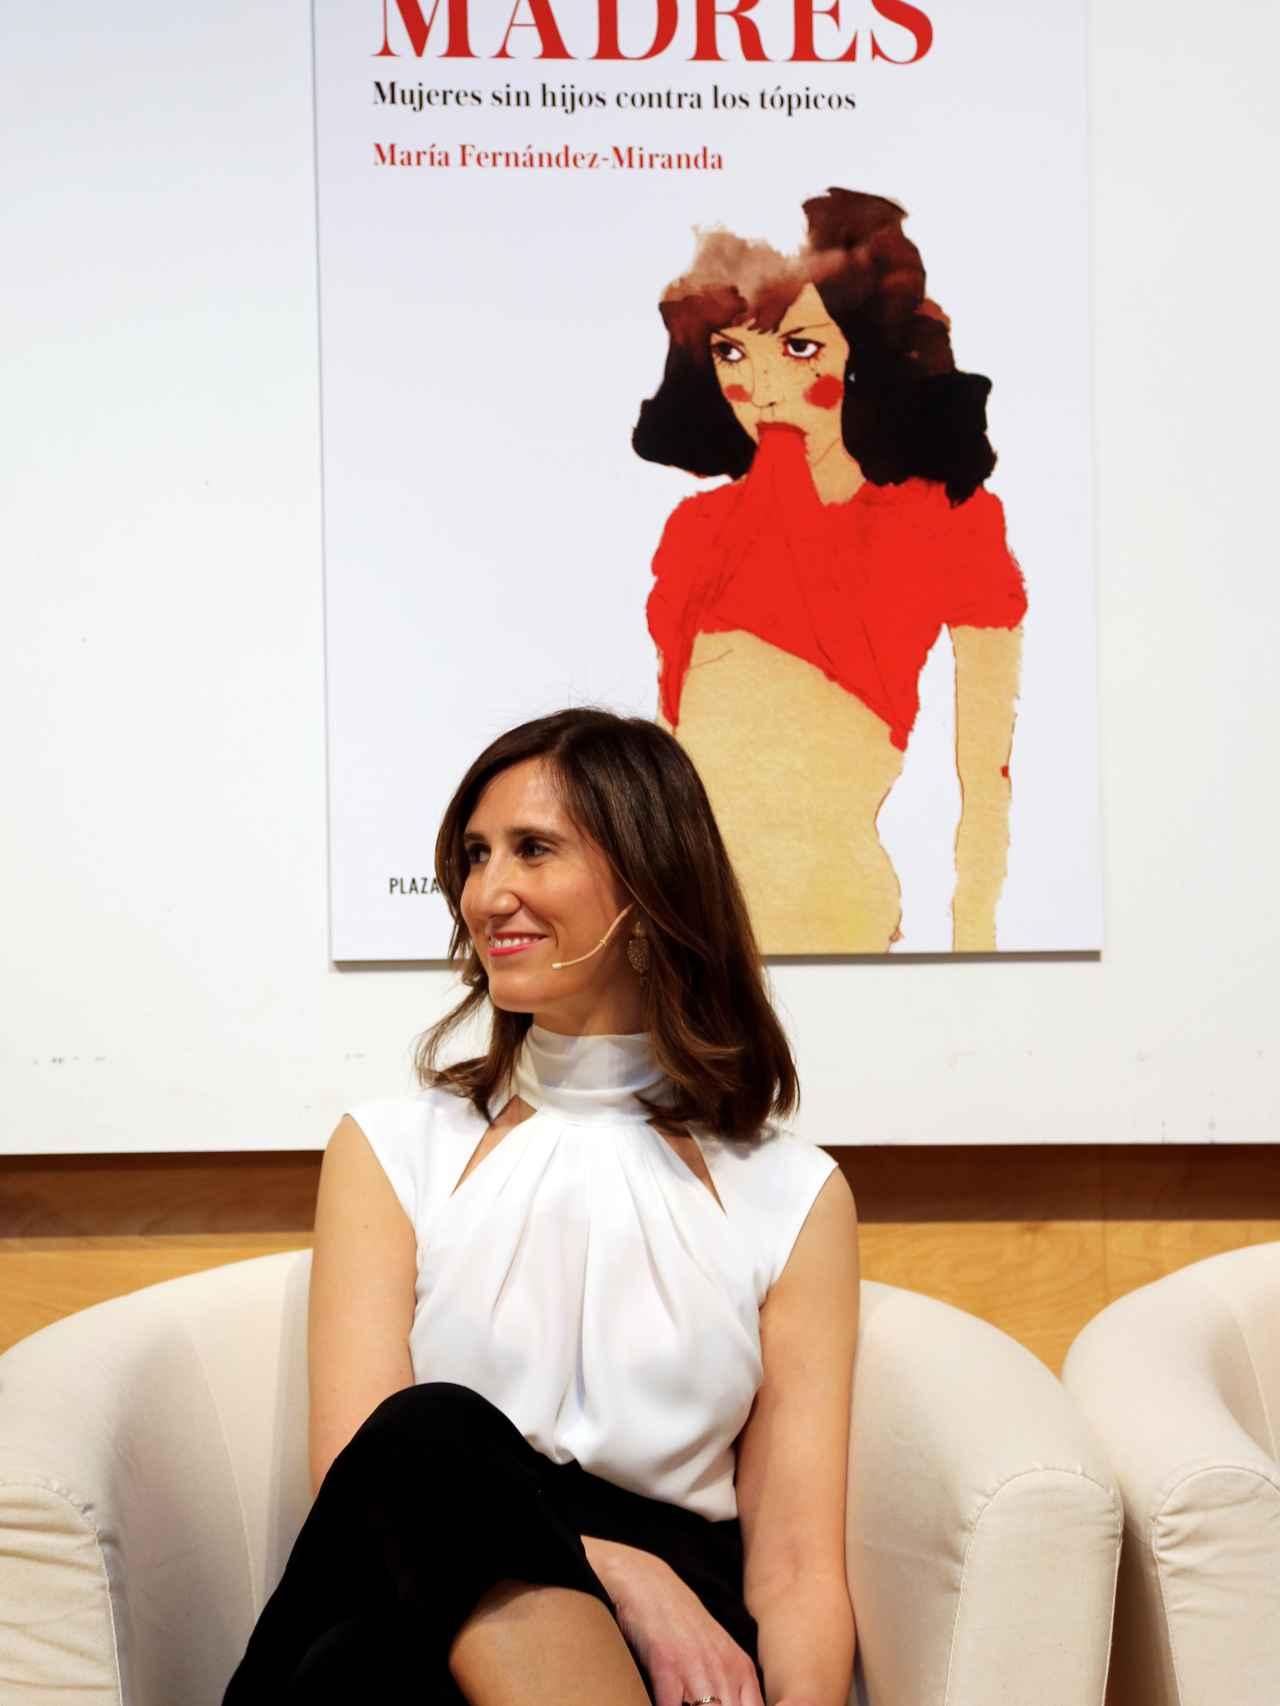 María Fernández-Miranda, en la presentación del libro No madres. Mujeres sin hijos contra los tópicos.